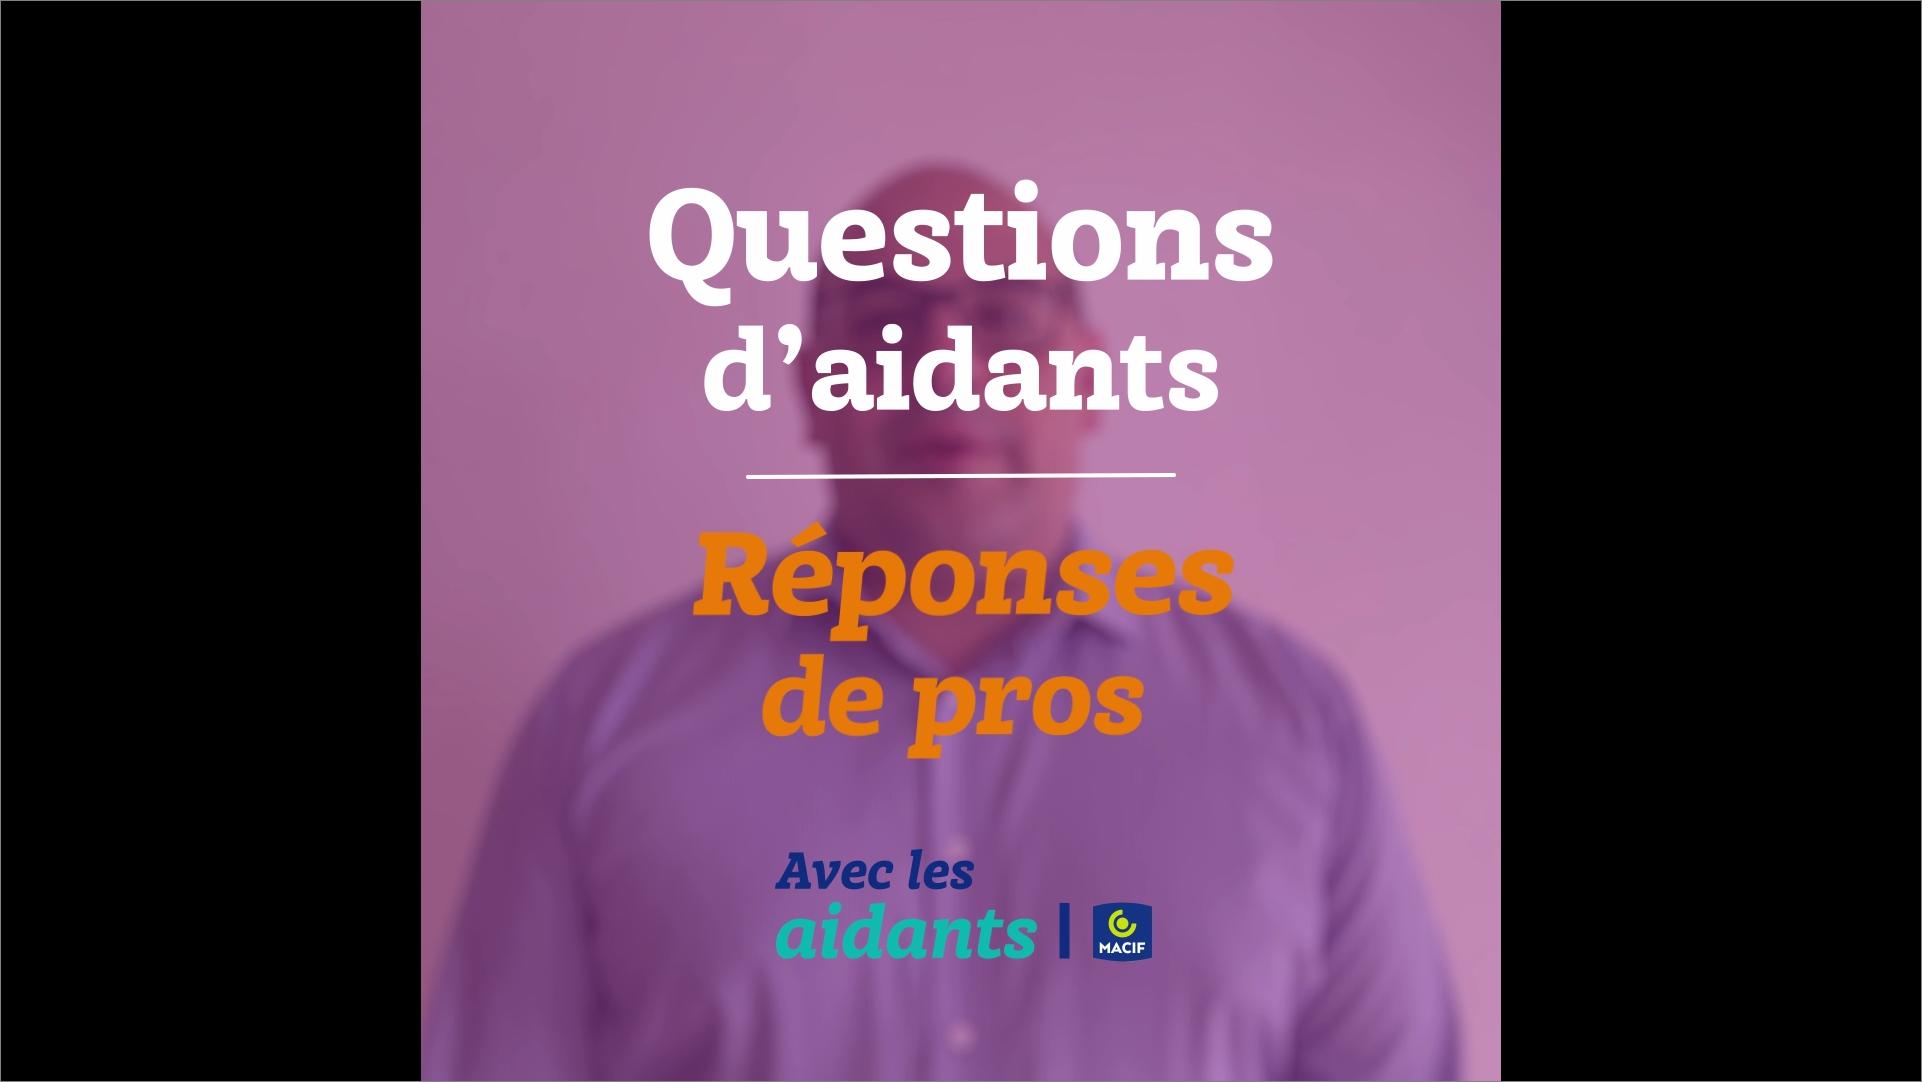 Les services à domicile : Questions d'aidants/Réponses de pros